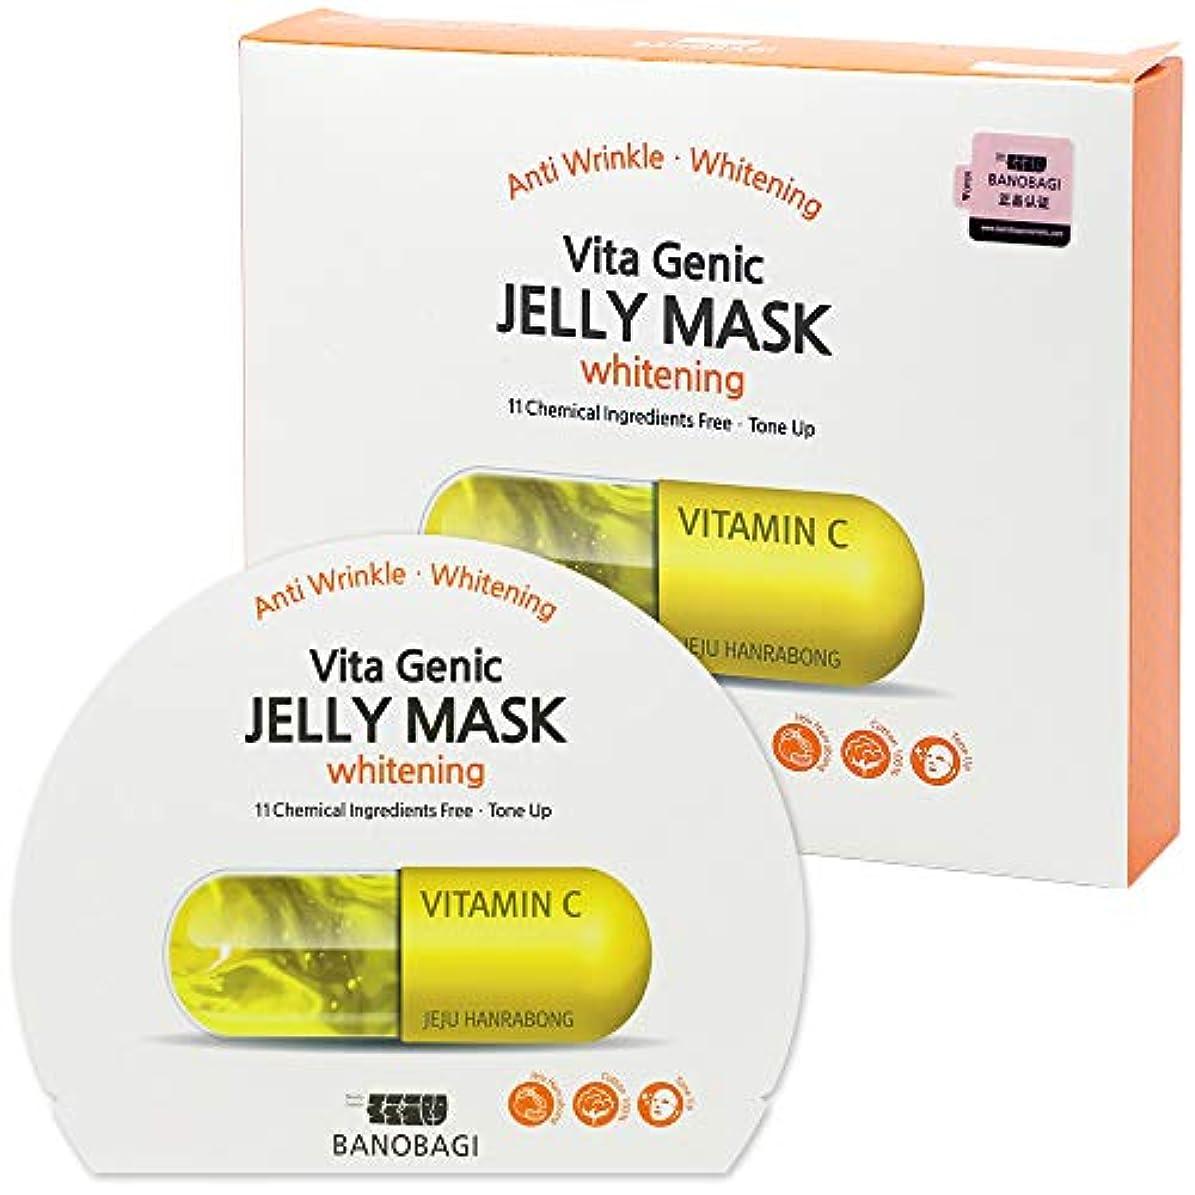 酸度スピン製造業バナバギ[BANOBAGI] ヴィータジェニックゼリーマスク★ホワイトニング(黄色)30mlx10P / Vita Genic Jelly Mask (Whitening-Yellow)